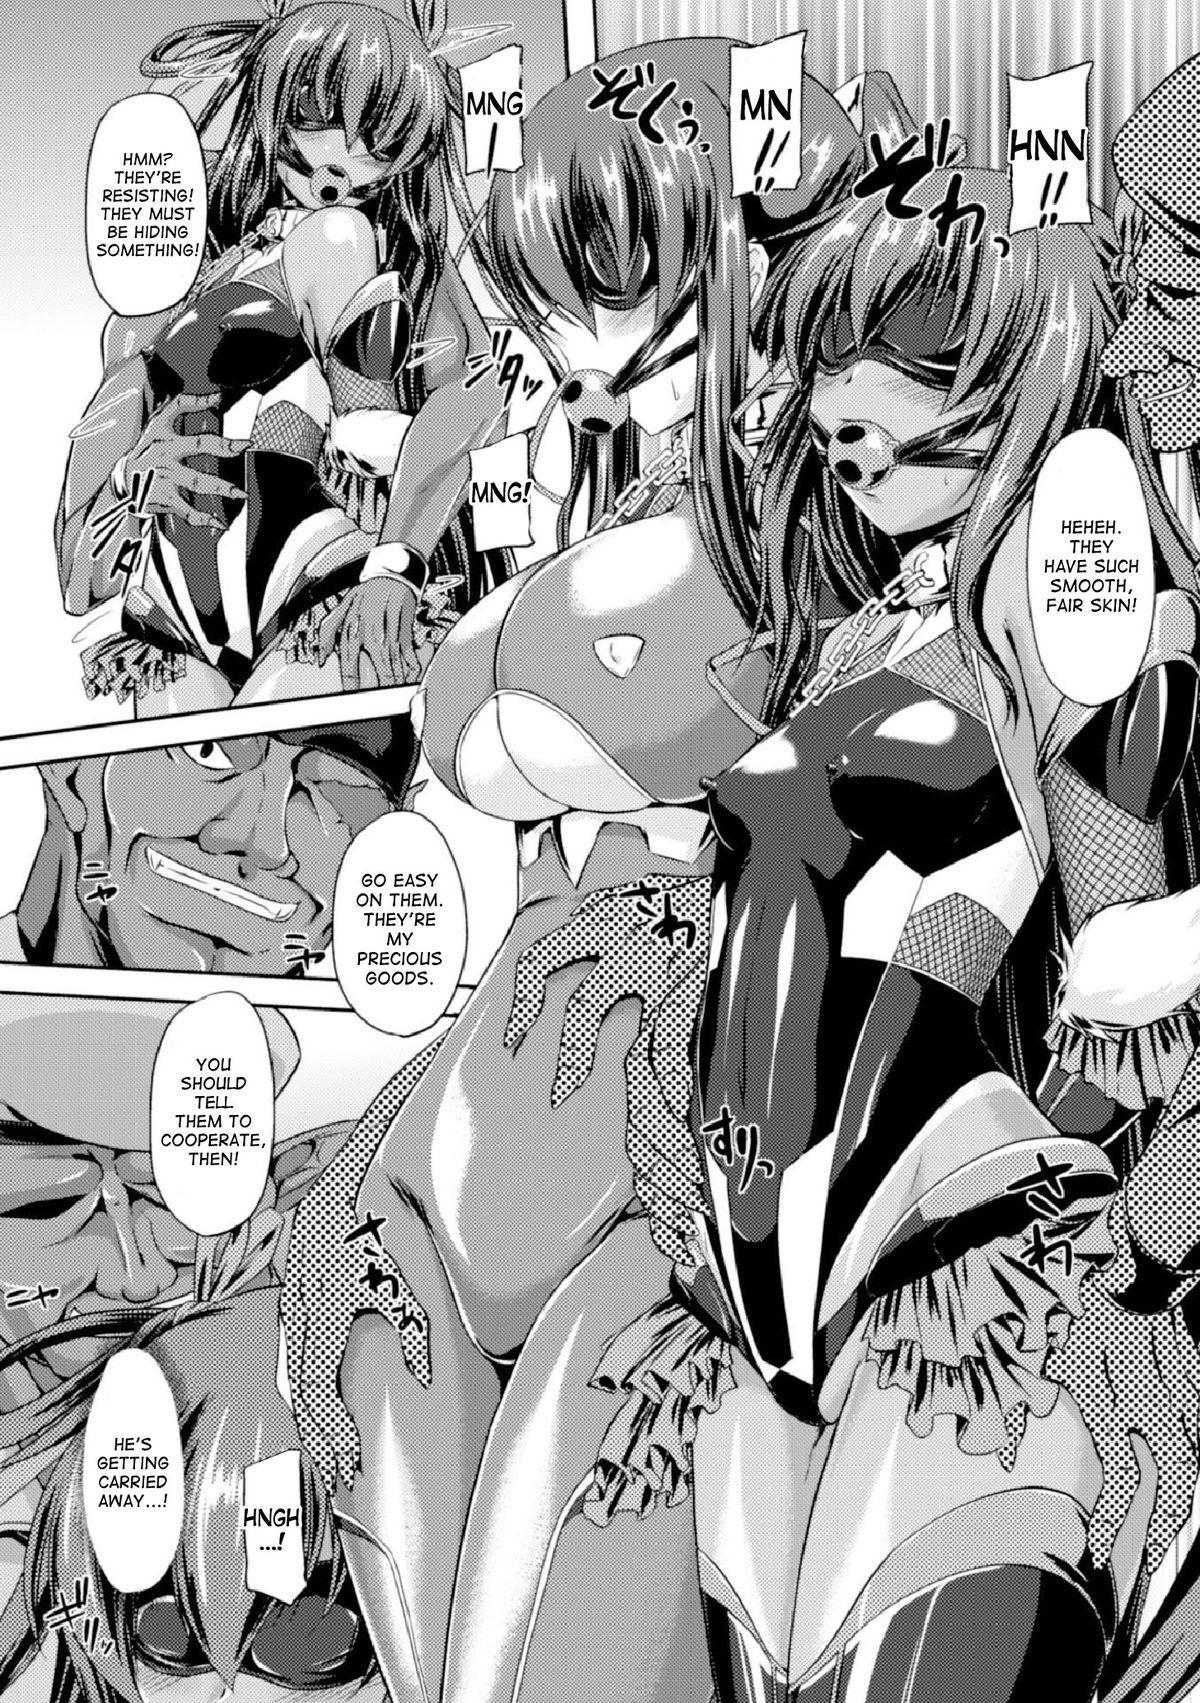 [Gonzaburo-] Taimanin Yukikaze - Taimanin wa Ingoku ni Shizumu #1-6 | Taimanin Yukikaze - Taimanin's fall into the lewd hell #1-5 [English] [desudesu] [Digital] 5